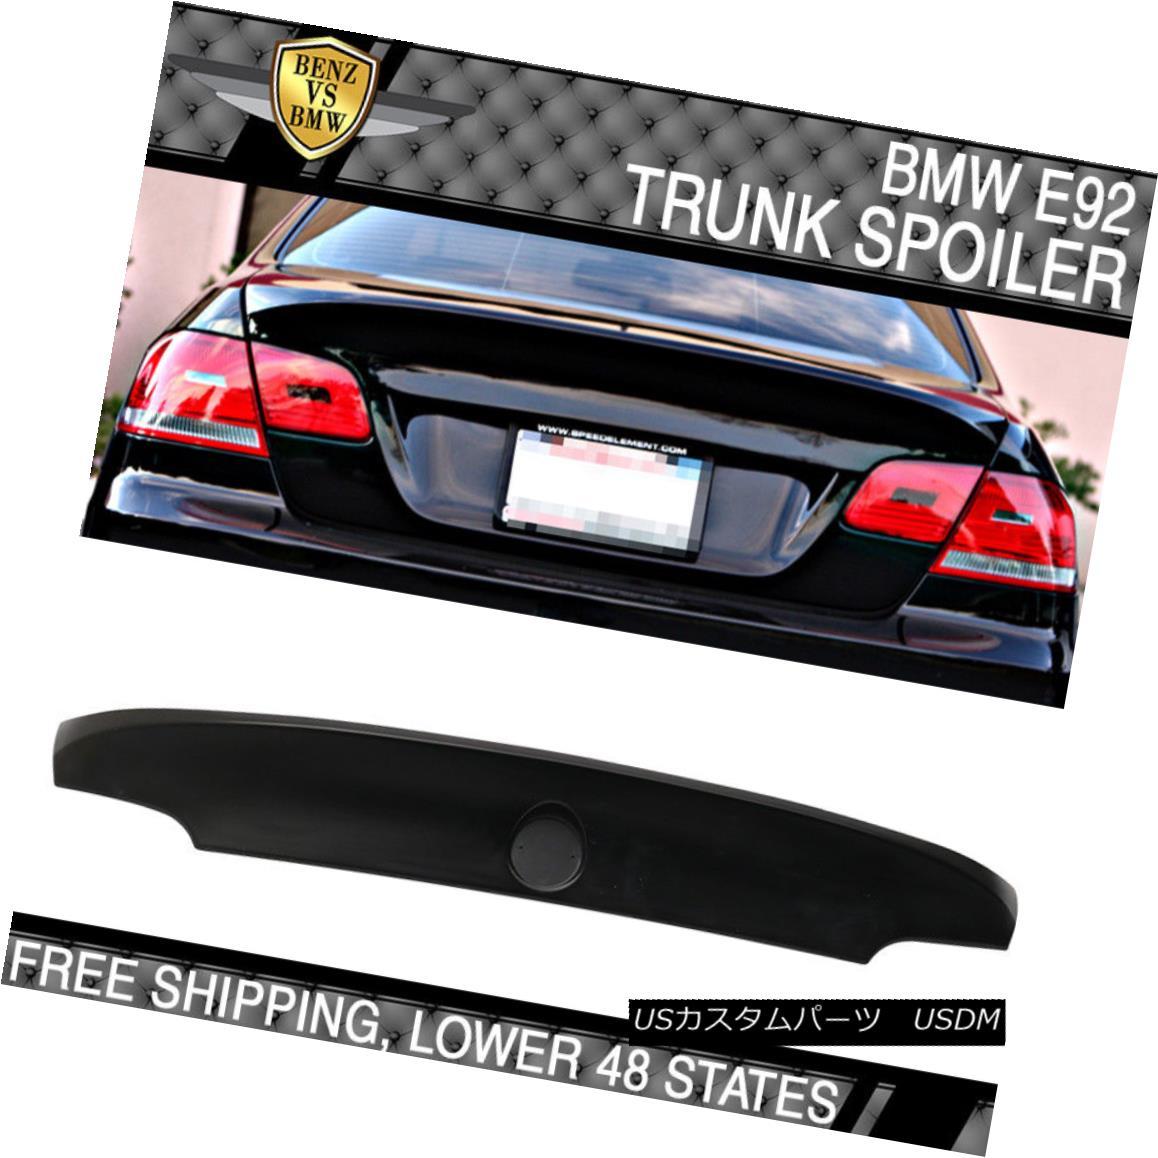 エアロパーツ 07-13 BMW 3-Series E92 M3 CSL Type Unpainted Trunk Spoiler - ABS 07-13 BMW 3シリーズE92 M3 CSLタイプ無塗装トランク・スポイラー - ABS